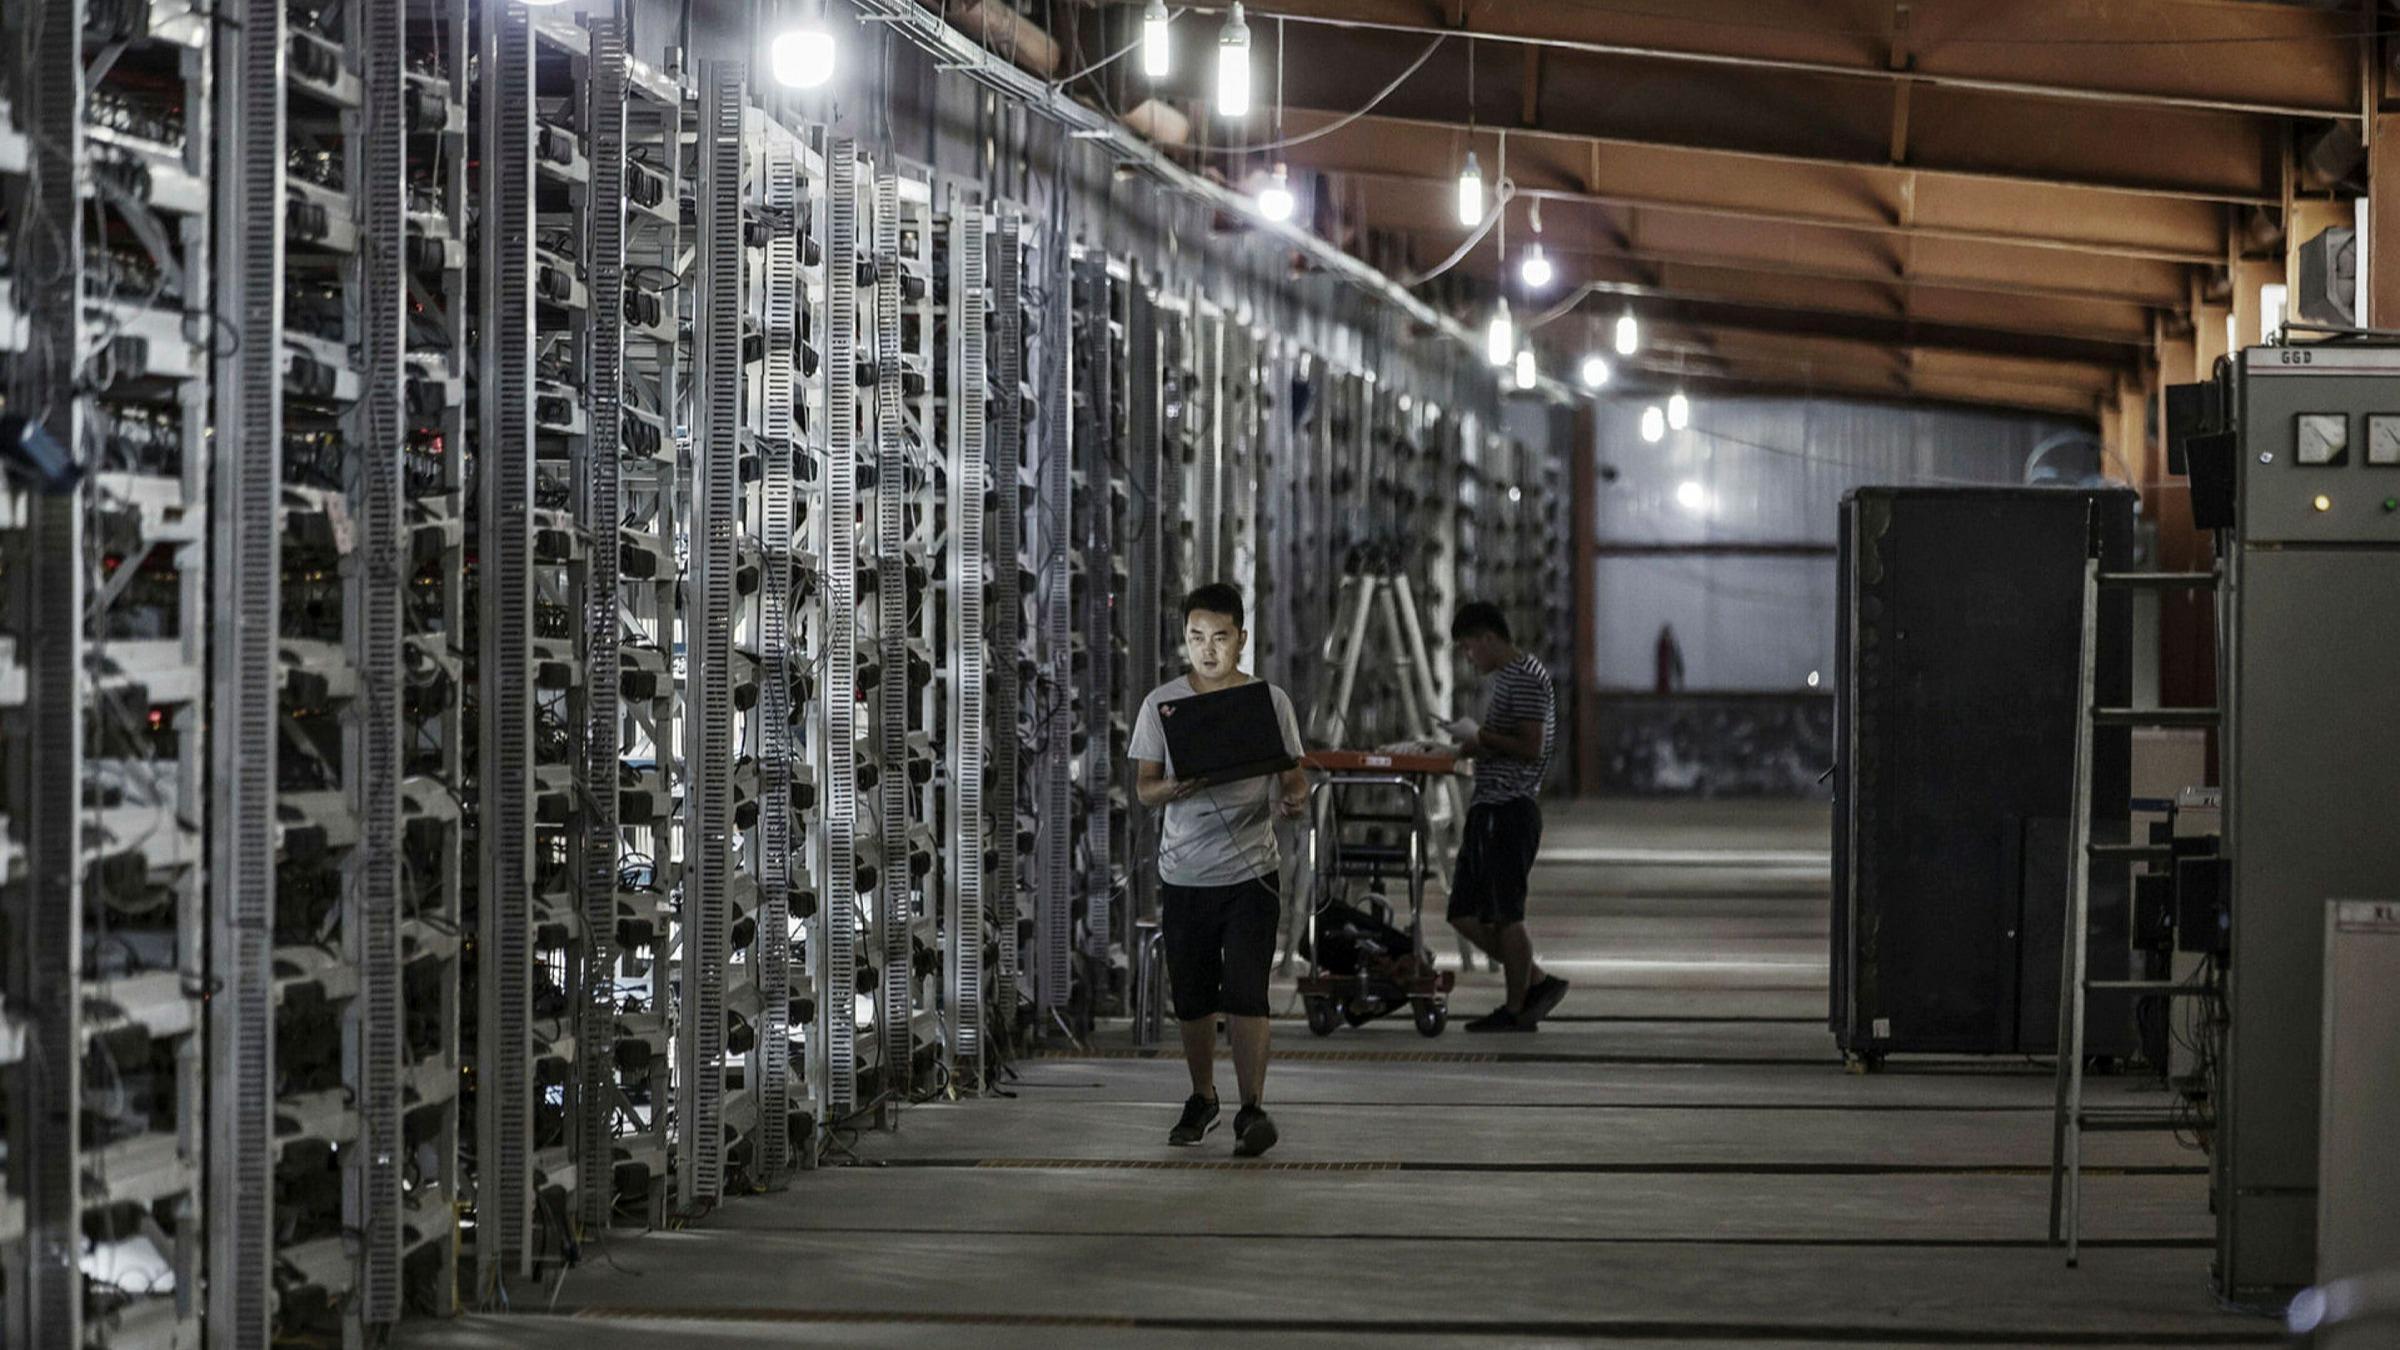 Китайские майнеры добывают криптовалюту на ресурсах госучреждений